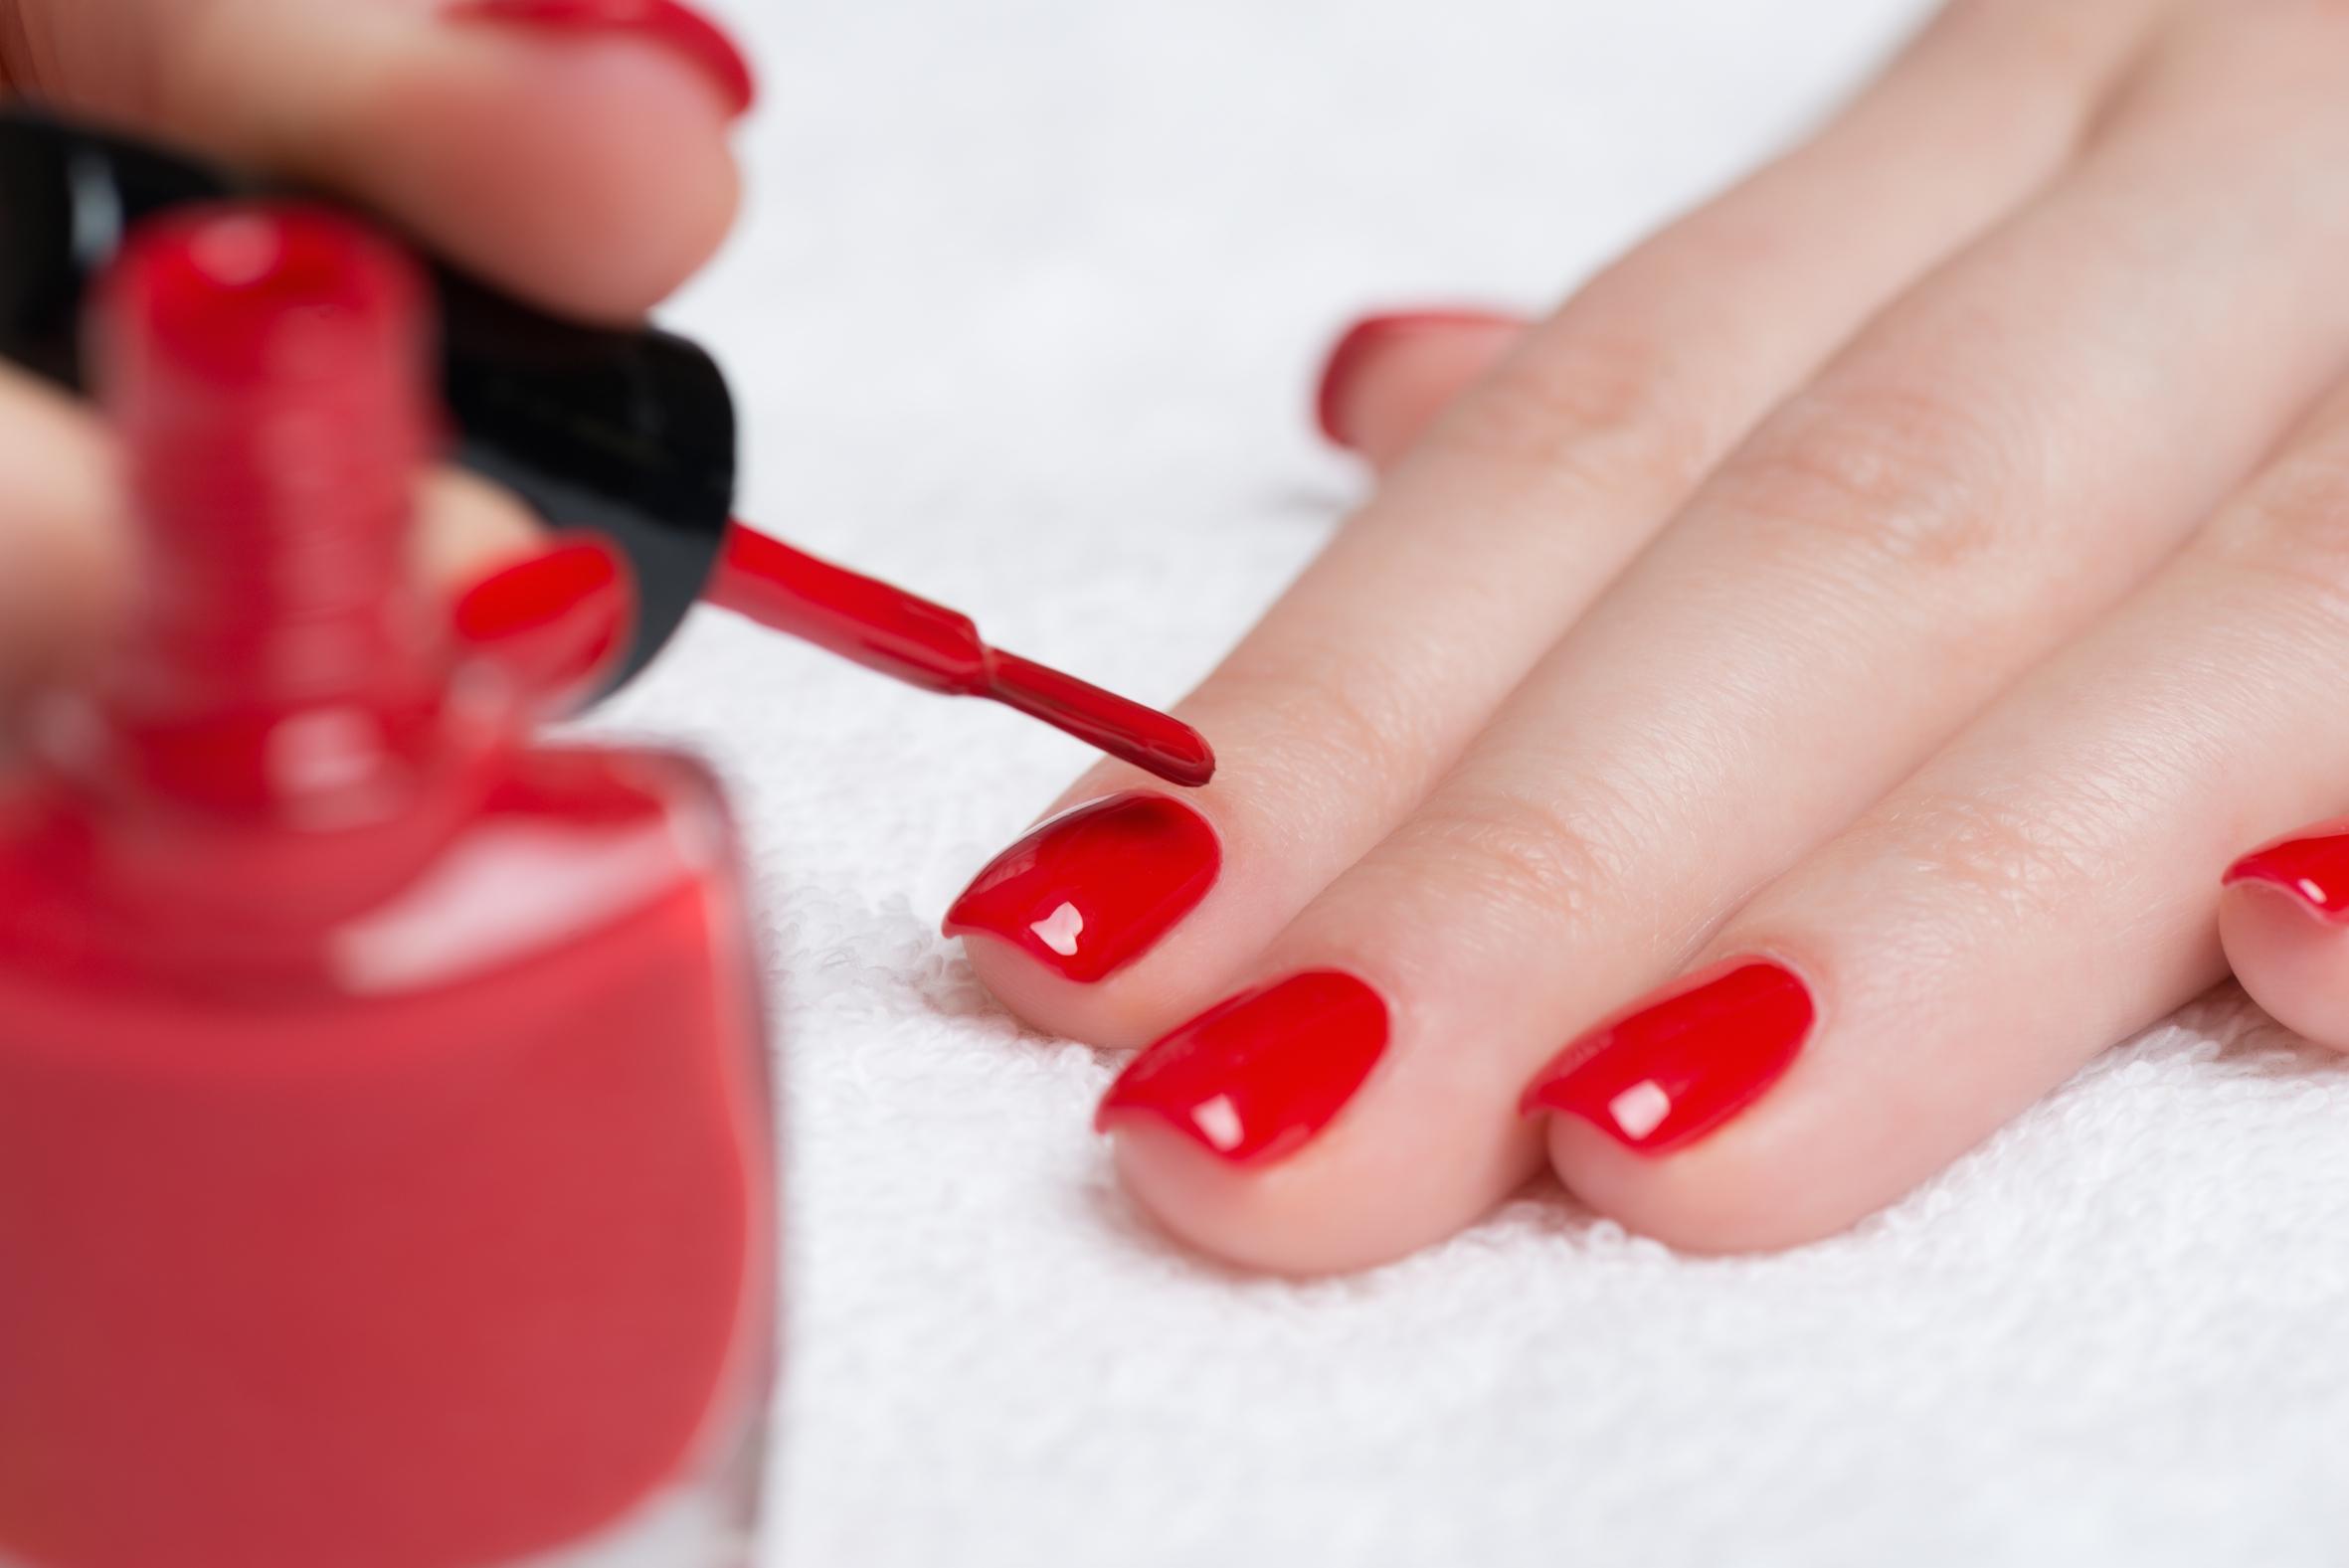 Trucje voor onhandige nagellakkers: zó verwijder je restjes lak van je huid!